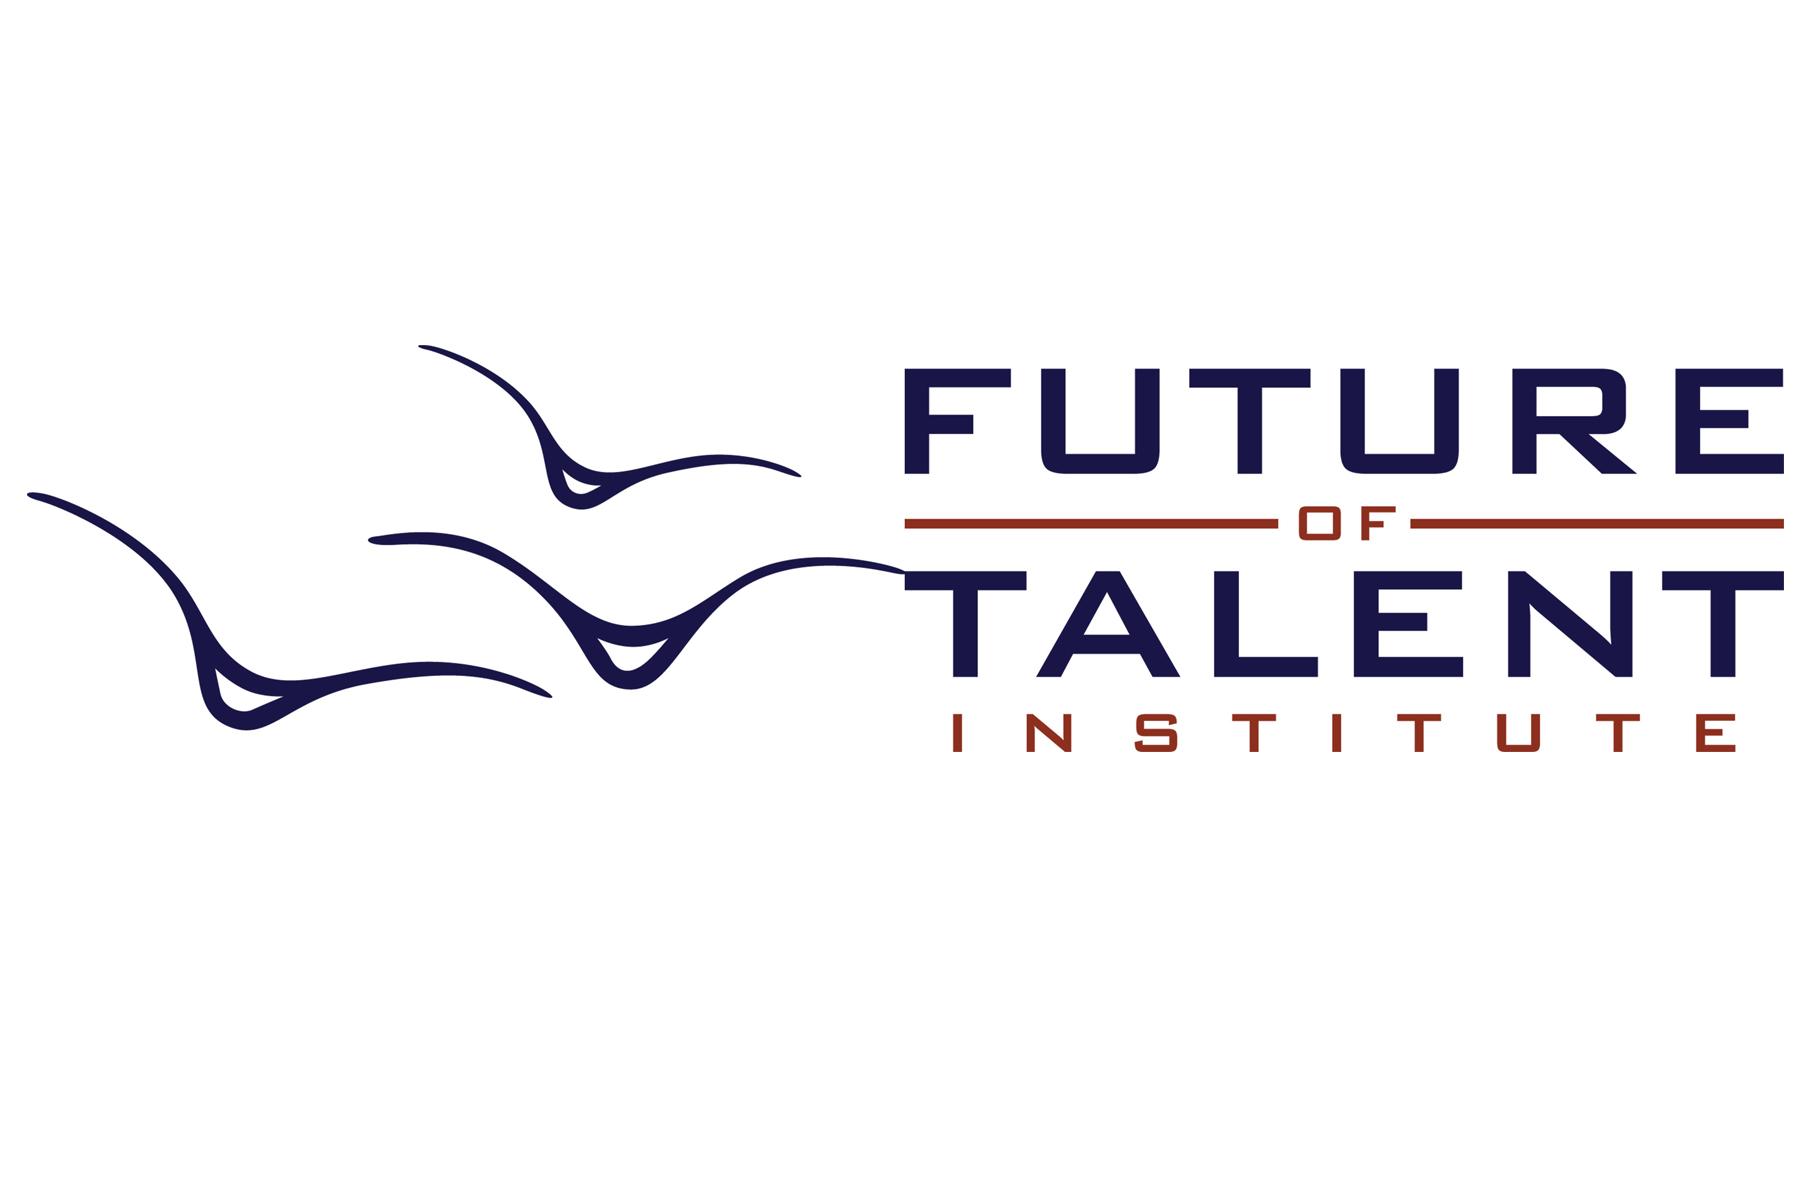 FUTURE-OF-TALENT-INSTITUTE